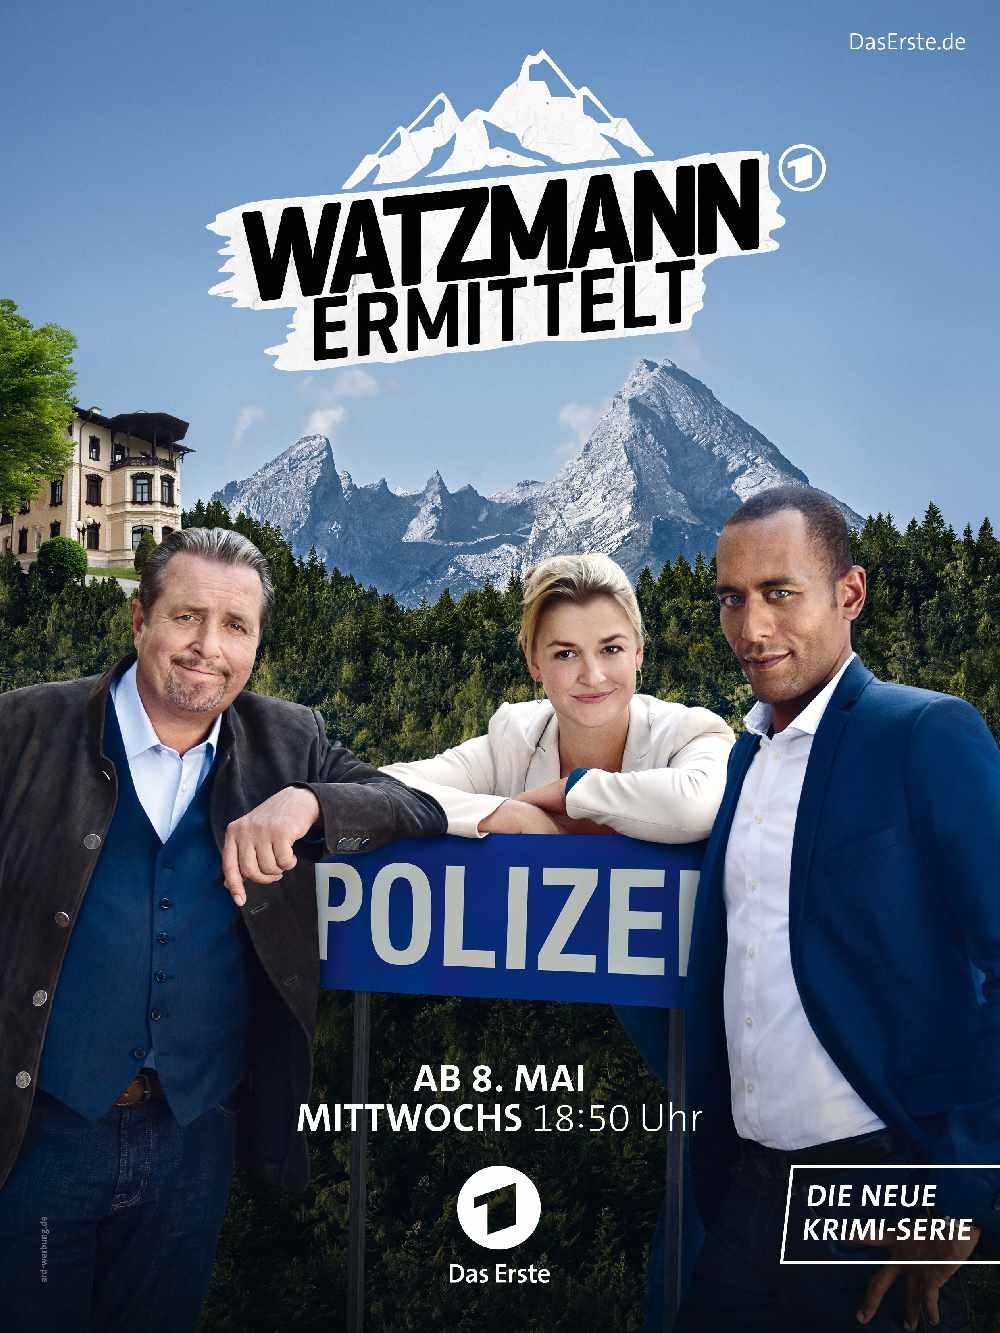 Die neue ARD Serie Watzmann ermittelt und die Watzmann ermittelt Drehorte